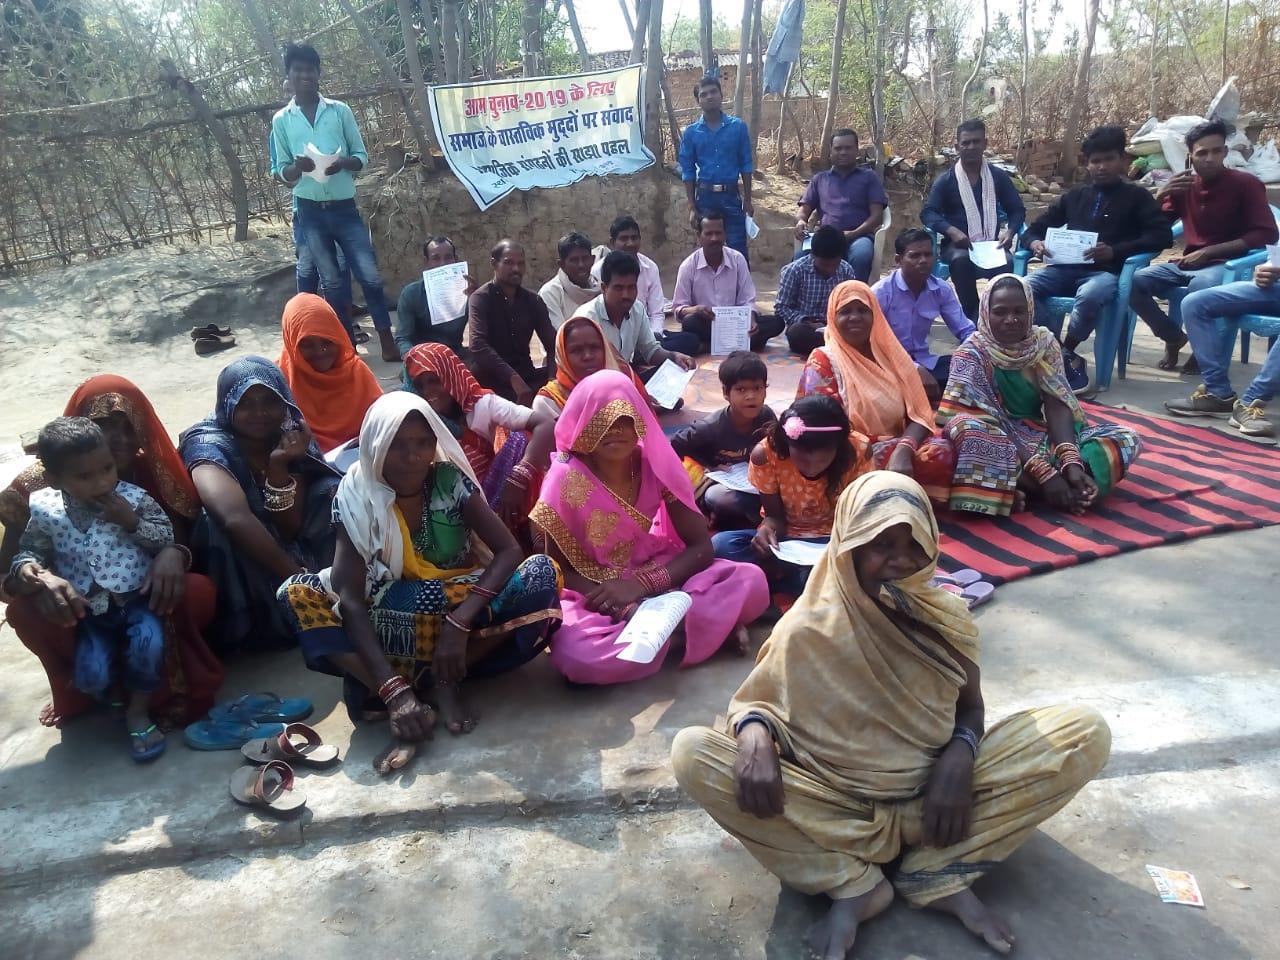 गांव-गांव जाकर मतदाताओं को जगा रहे सामुदायिक कार्यकर्ता